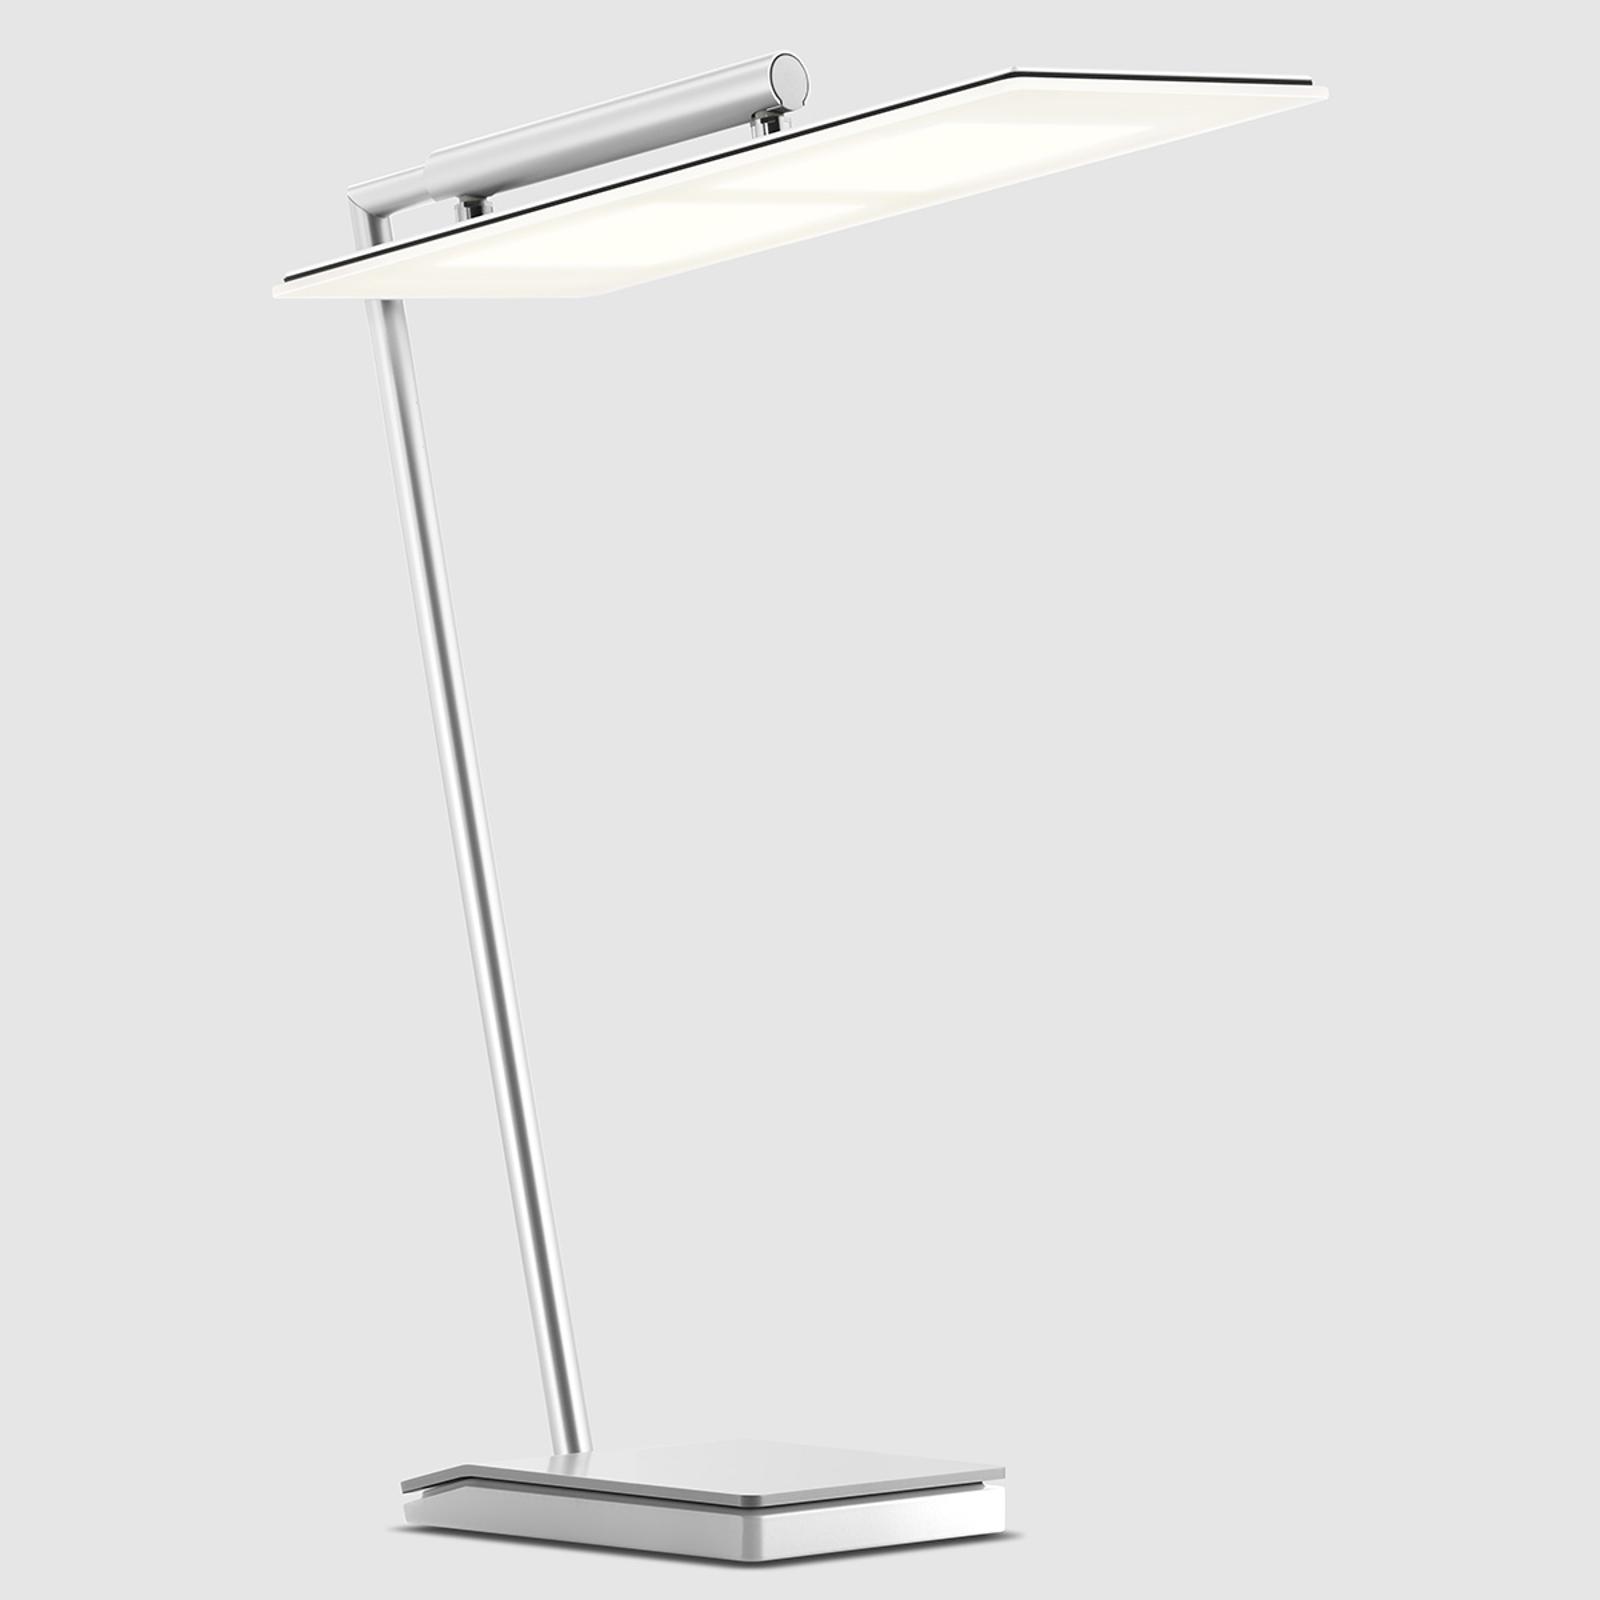 OMLED One d2 - Schreibtischleuchte mit OLEDs weiß